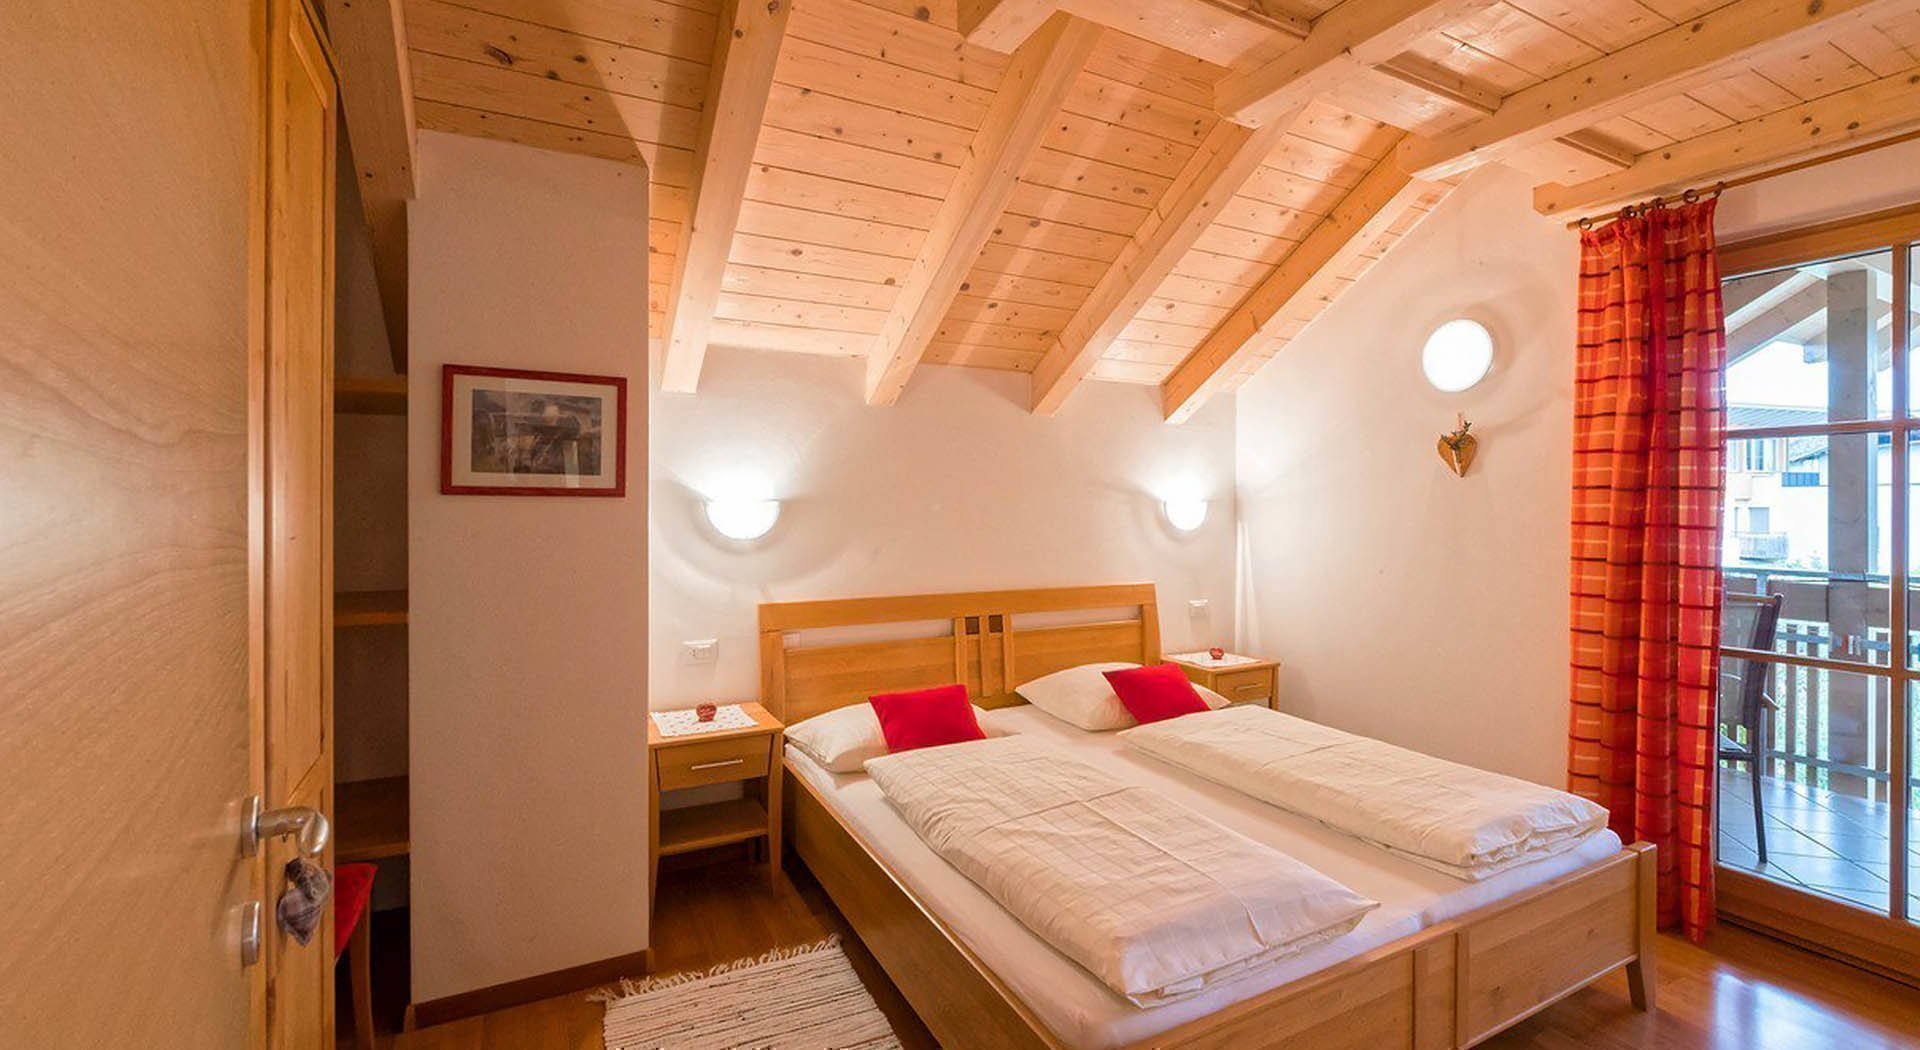 Unsere Ferienwohnungen in Südtirol: Raum für die ganze Familie